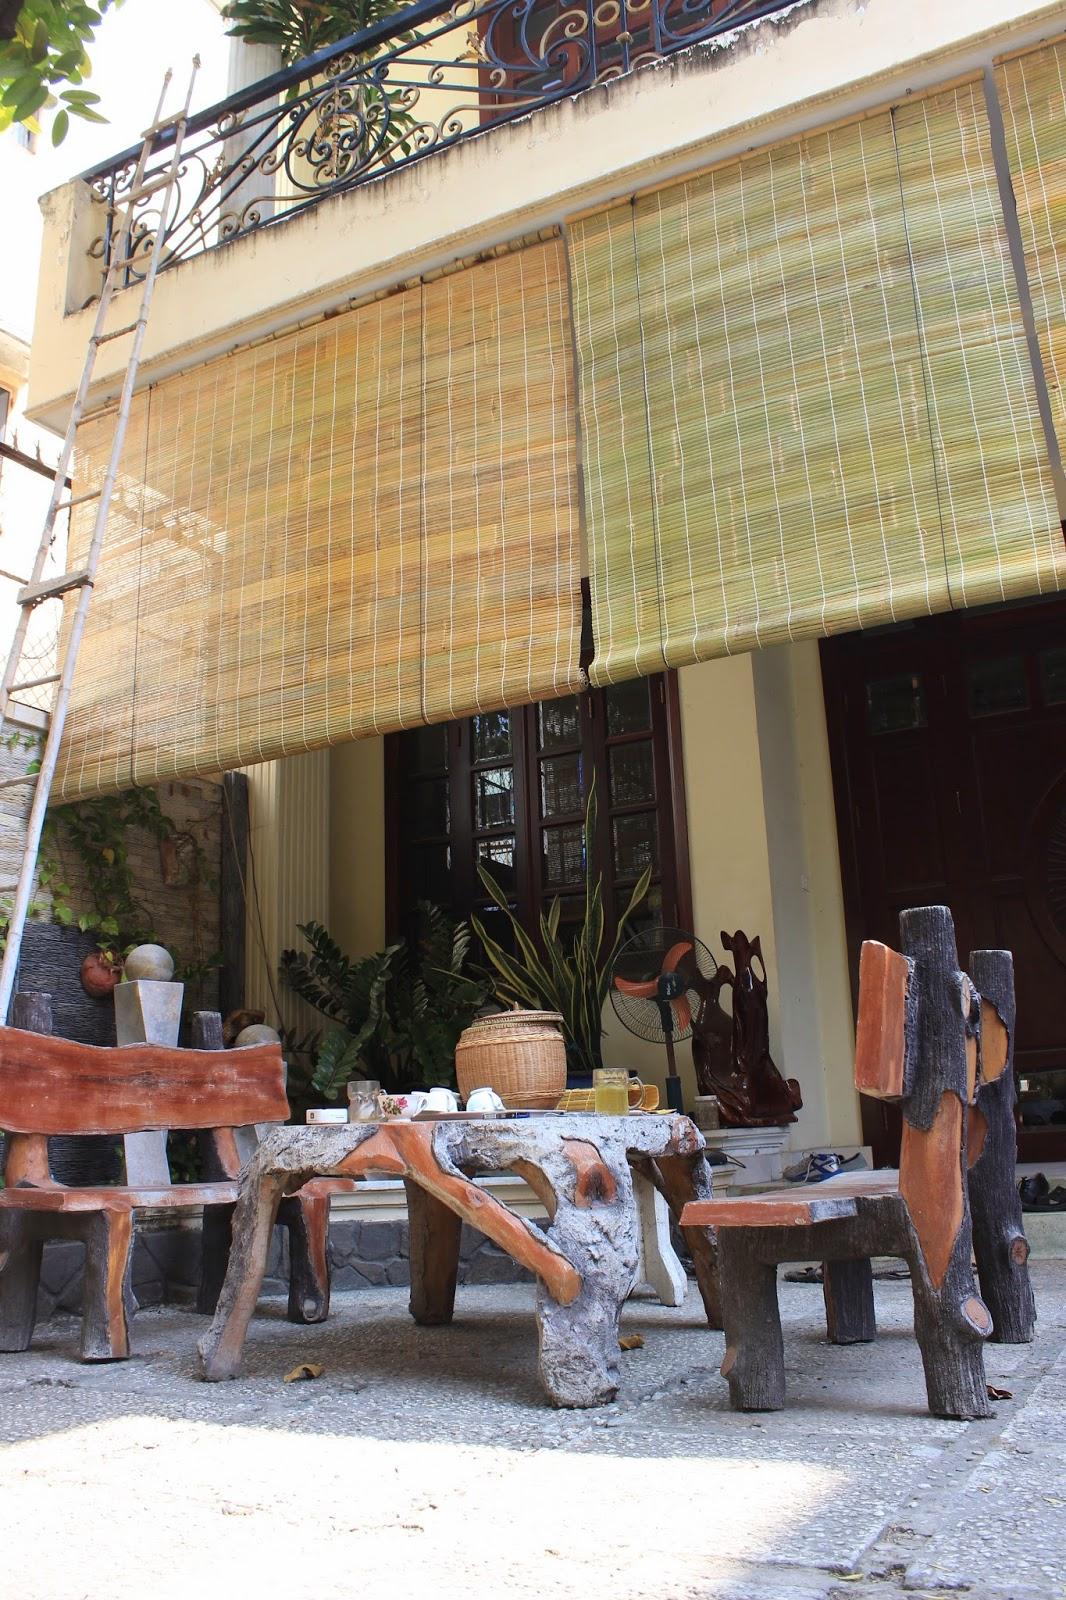 Rèm tre trúc chống mưa nắng huyện Bình Chánh